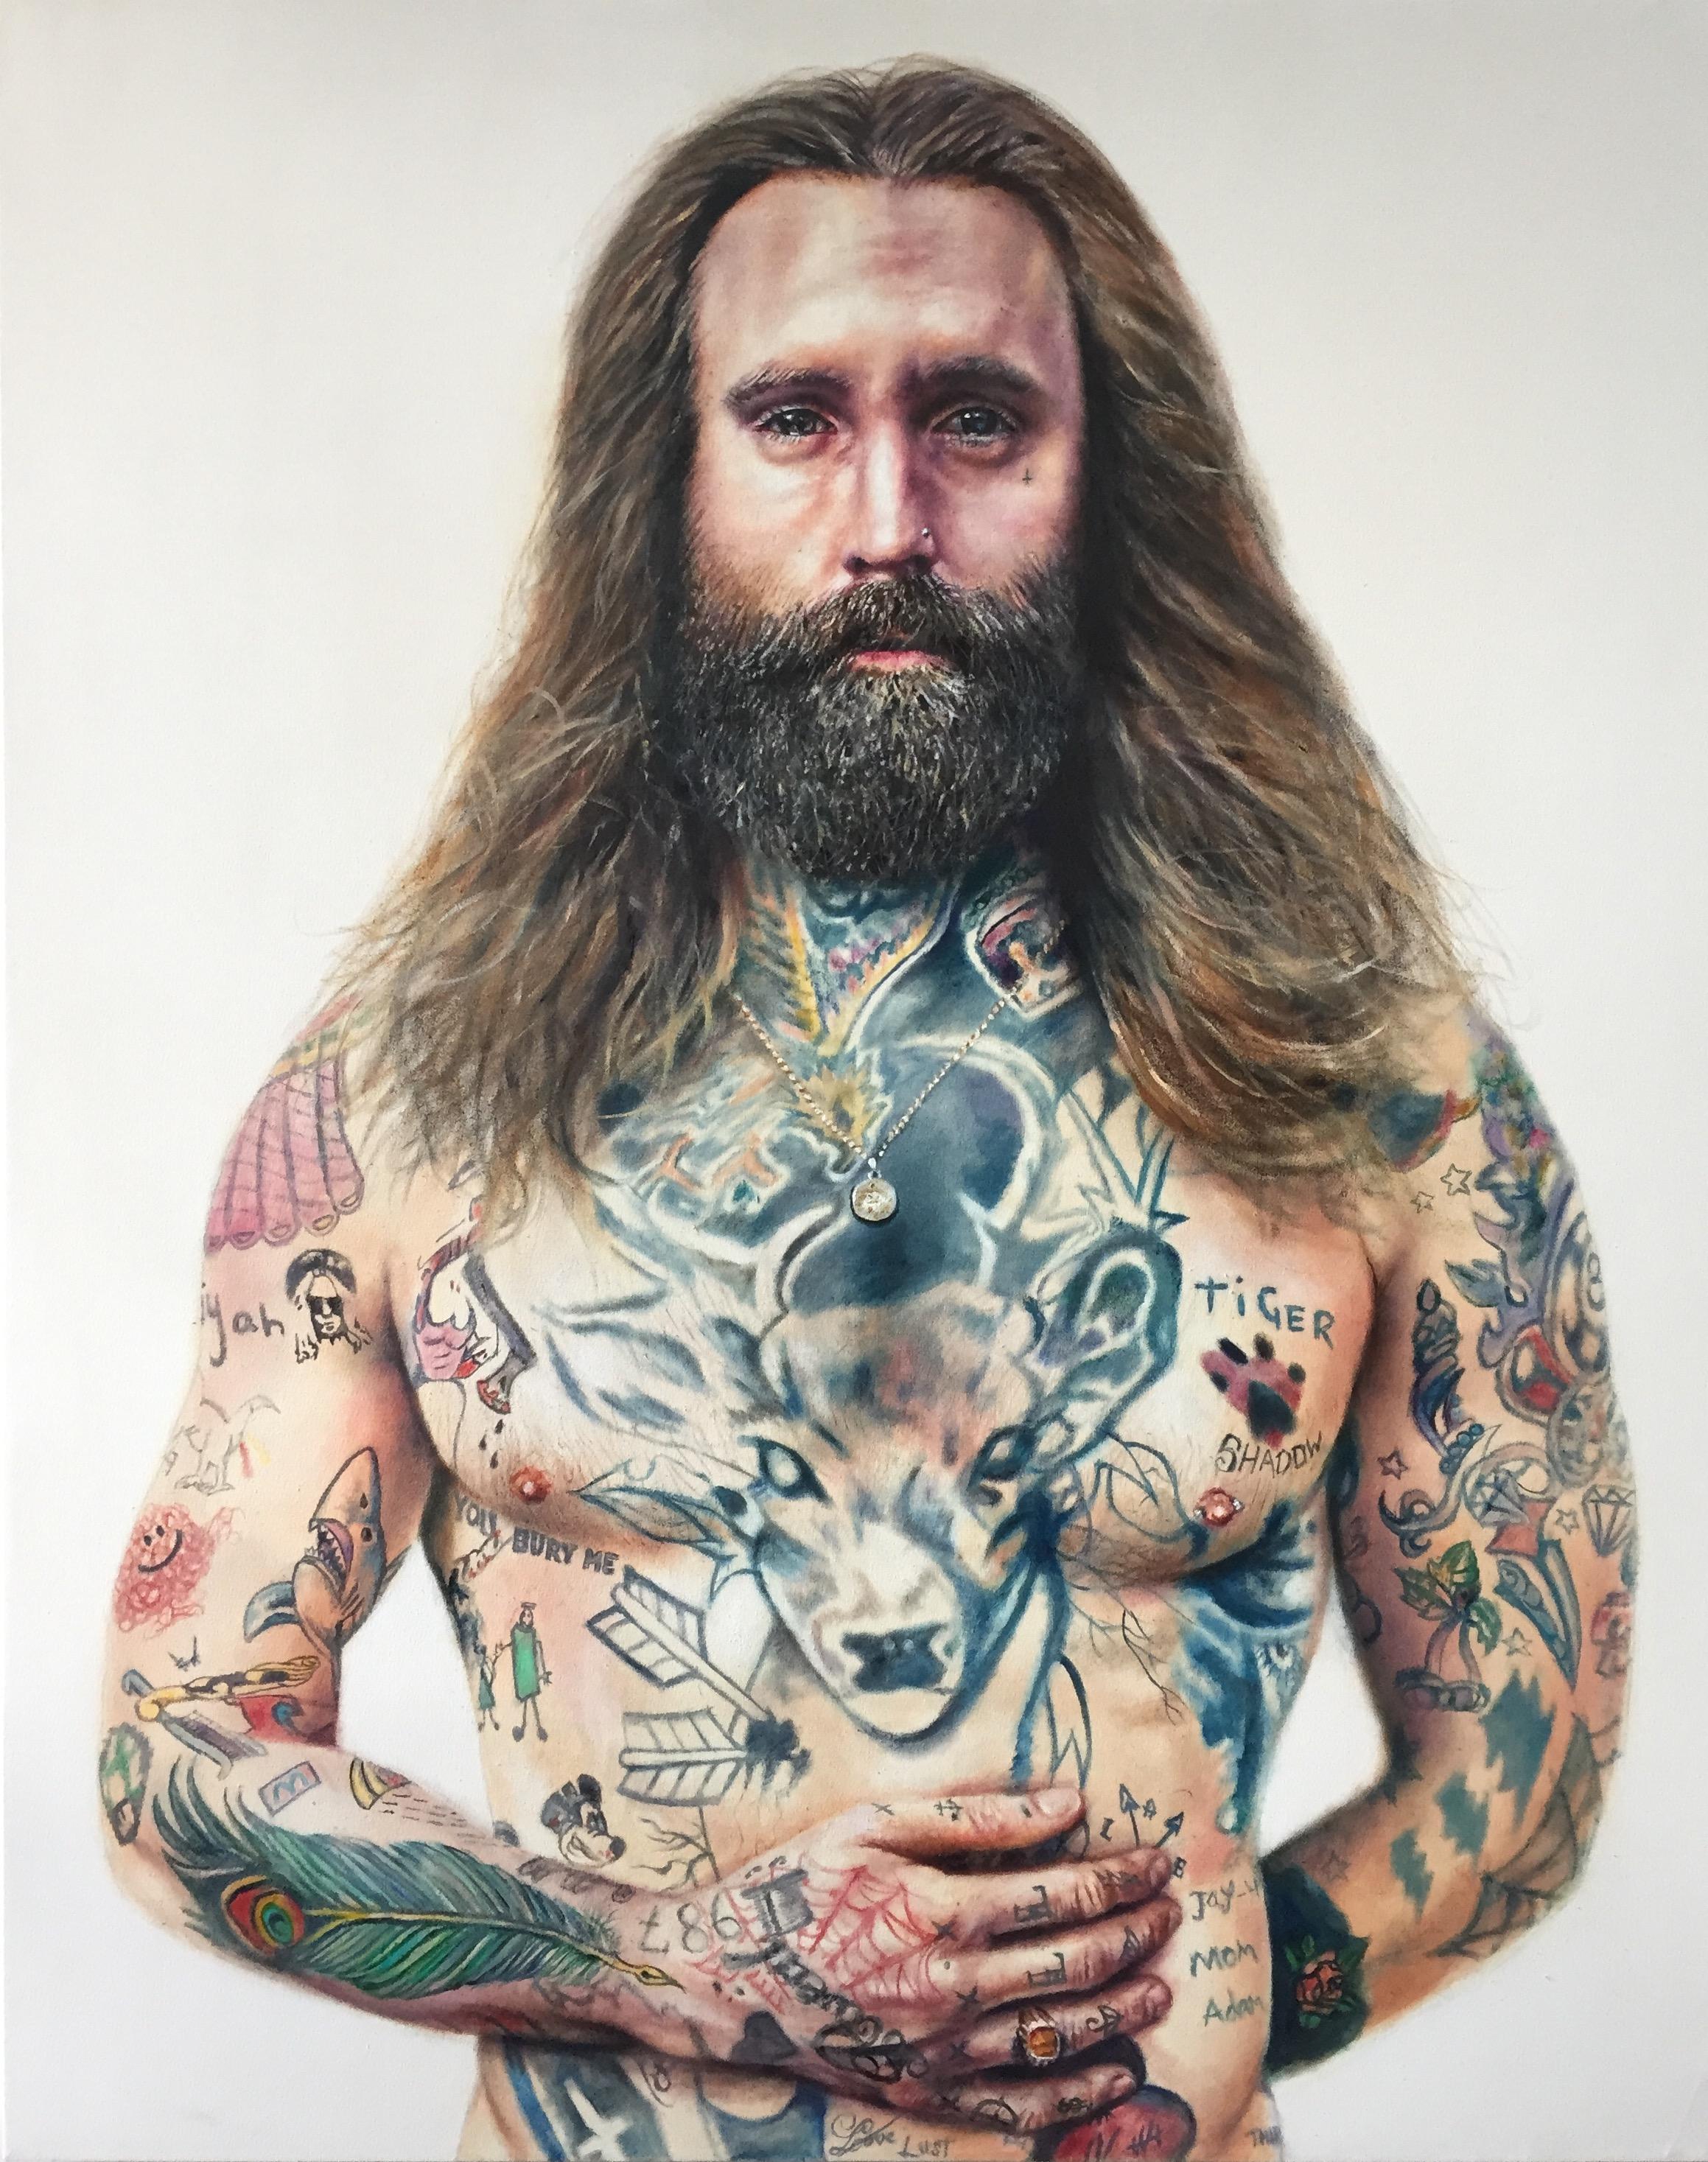 JohanAndersson_Hipster.JPG